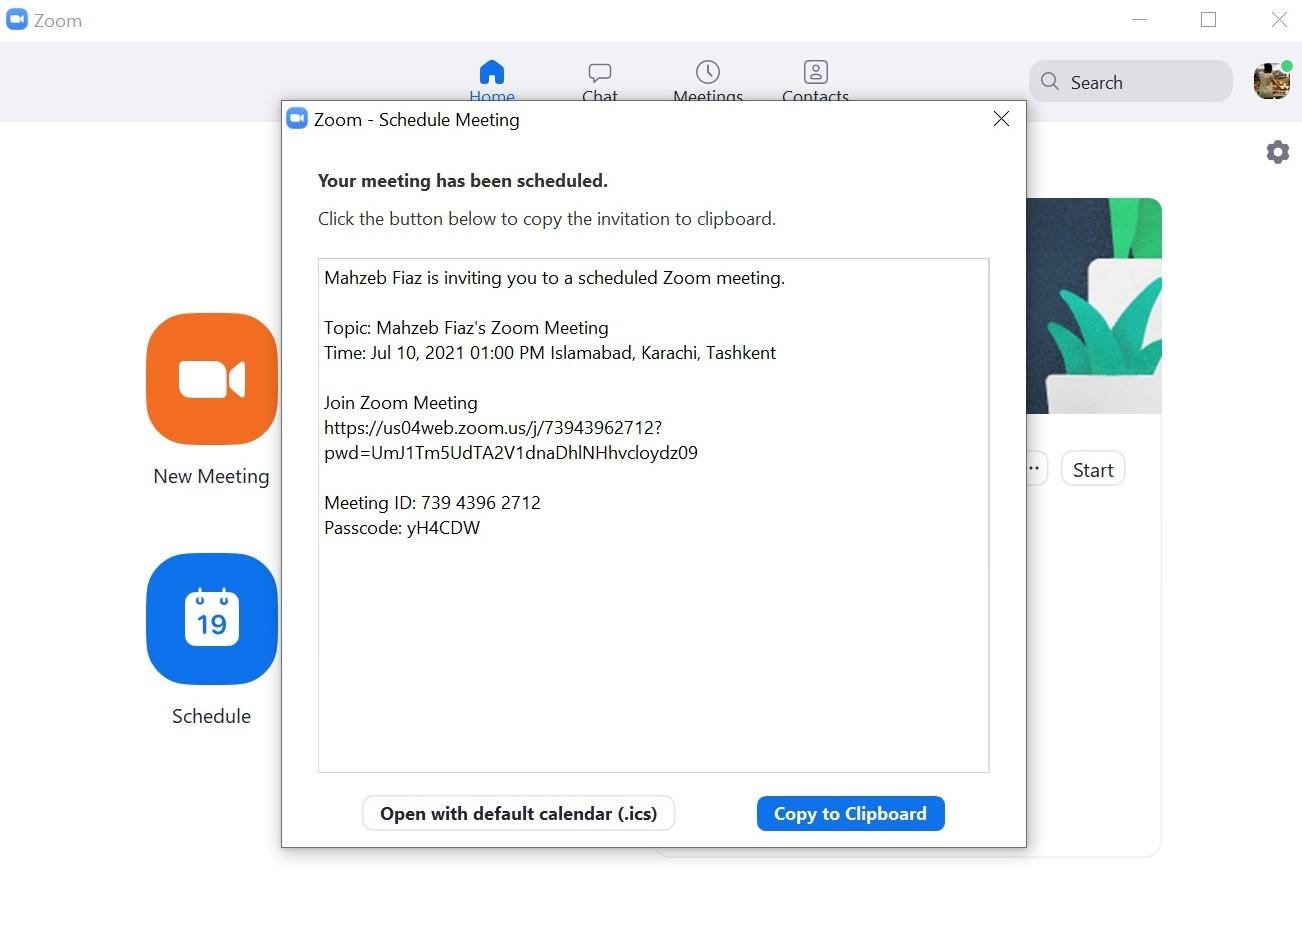 Zoom meeting scheduled screen